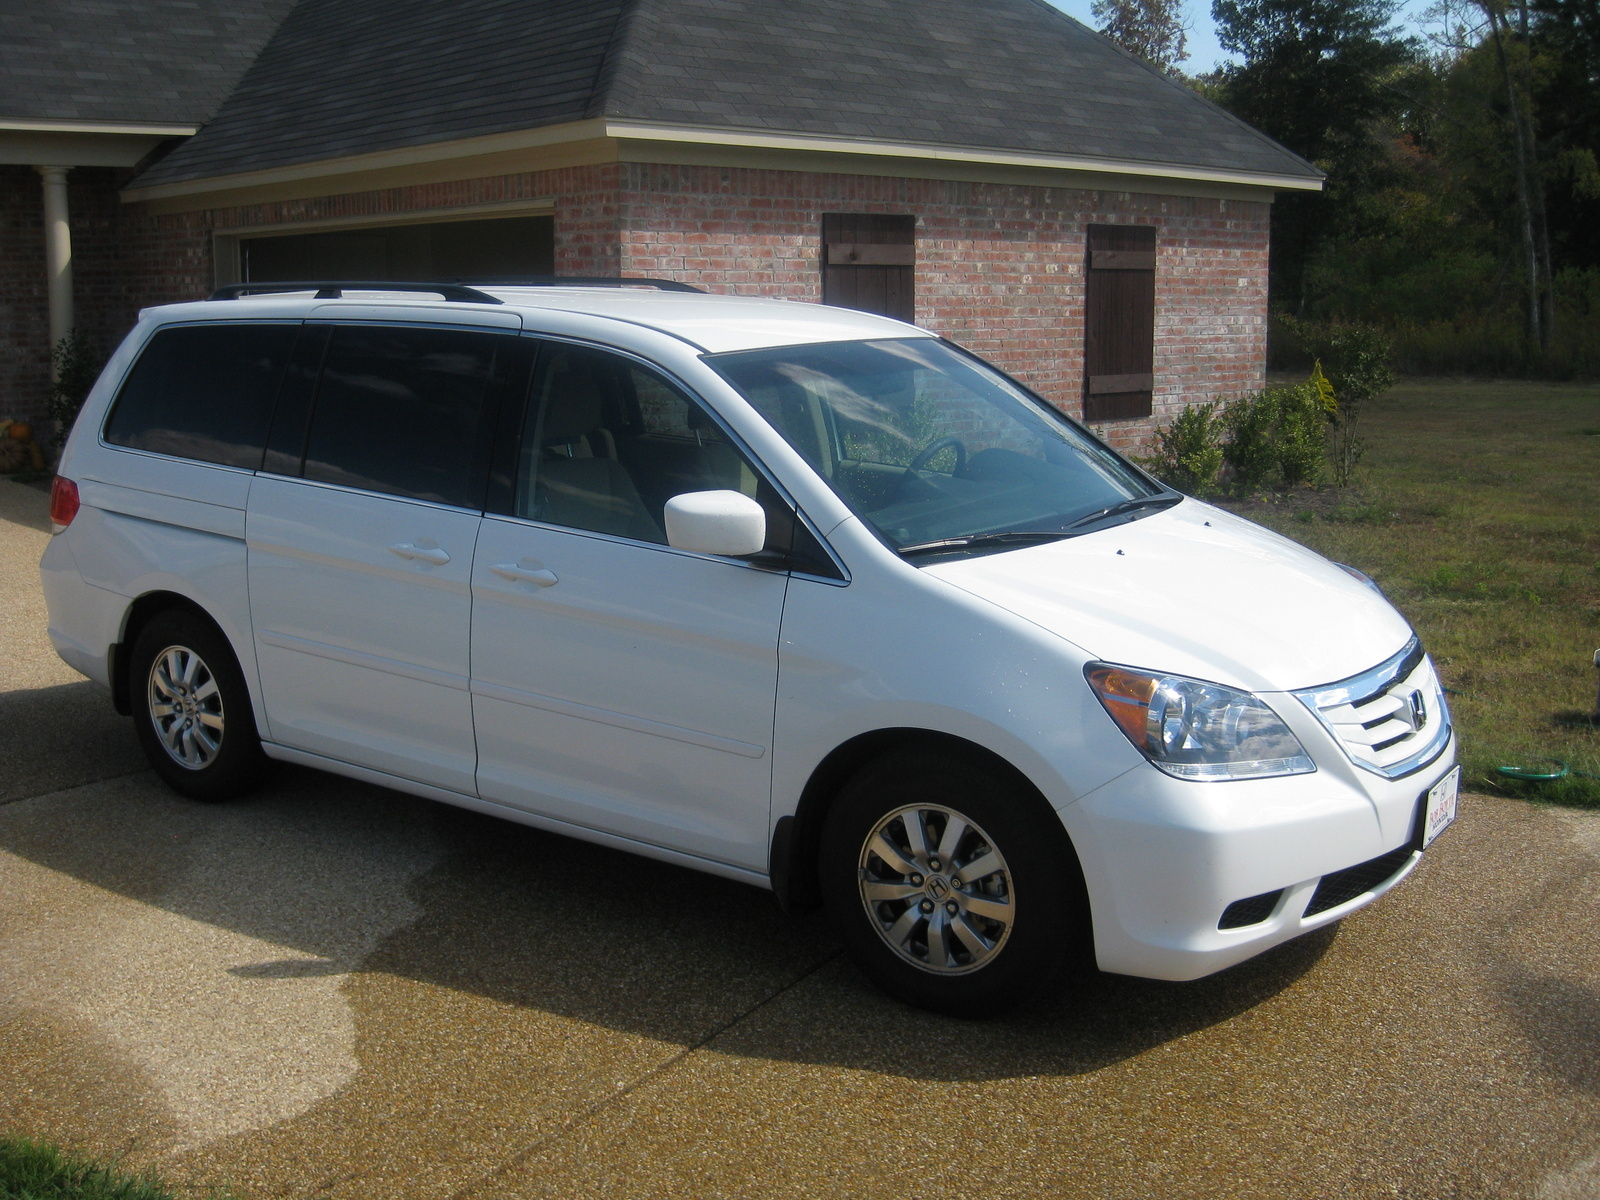 2010 Honda Odyssey - Pictures - CarGurus